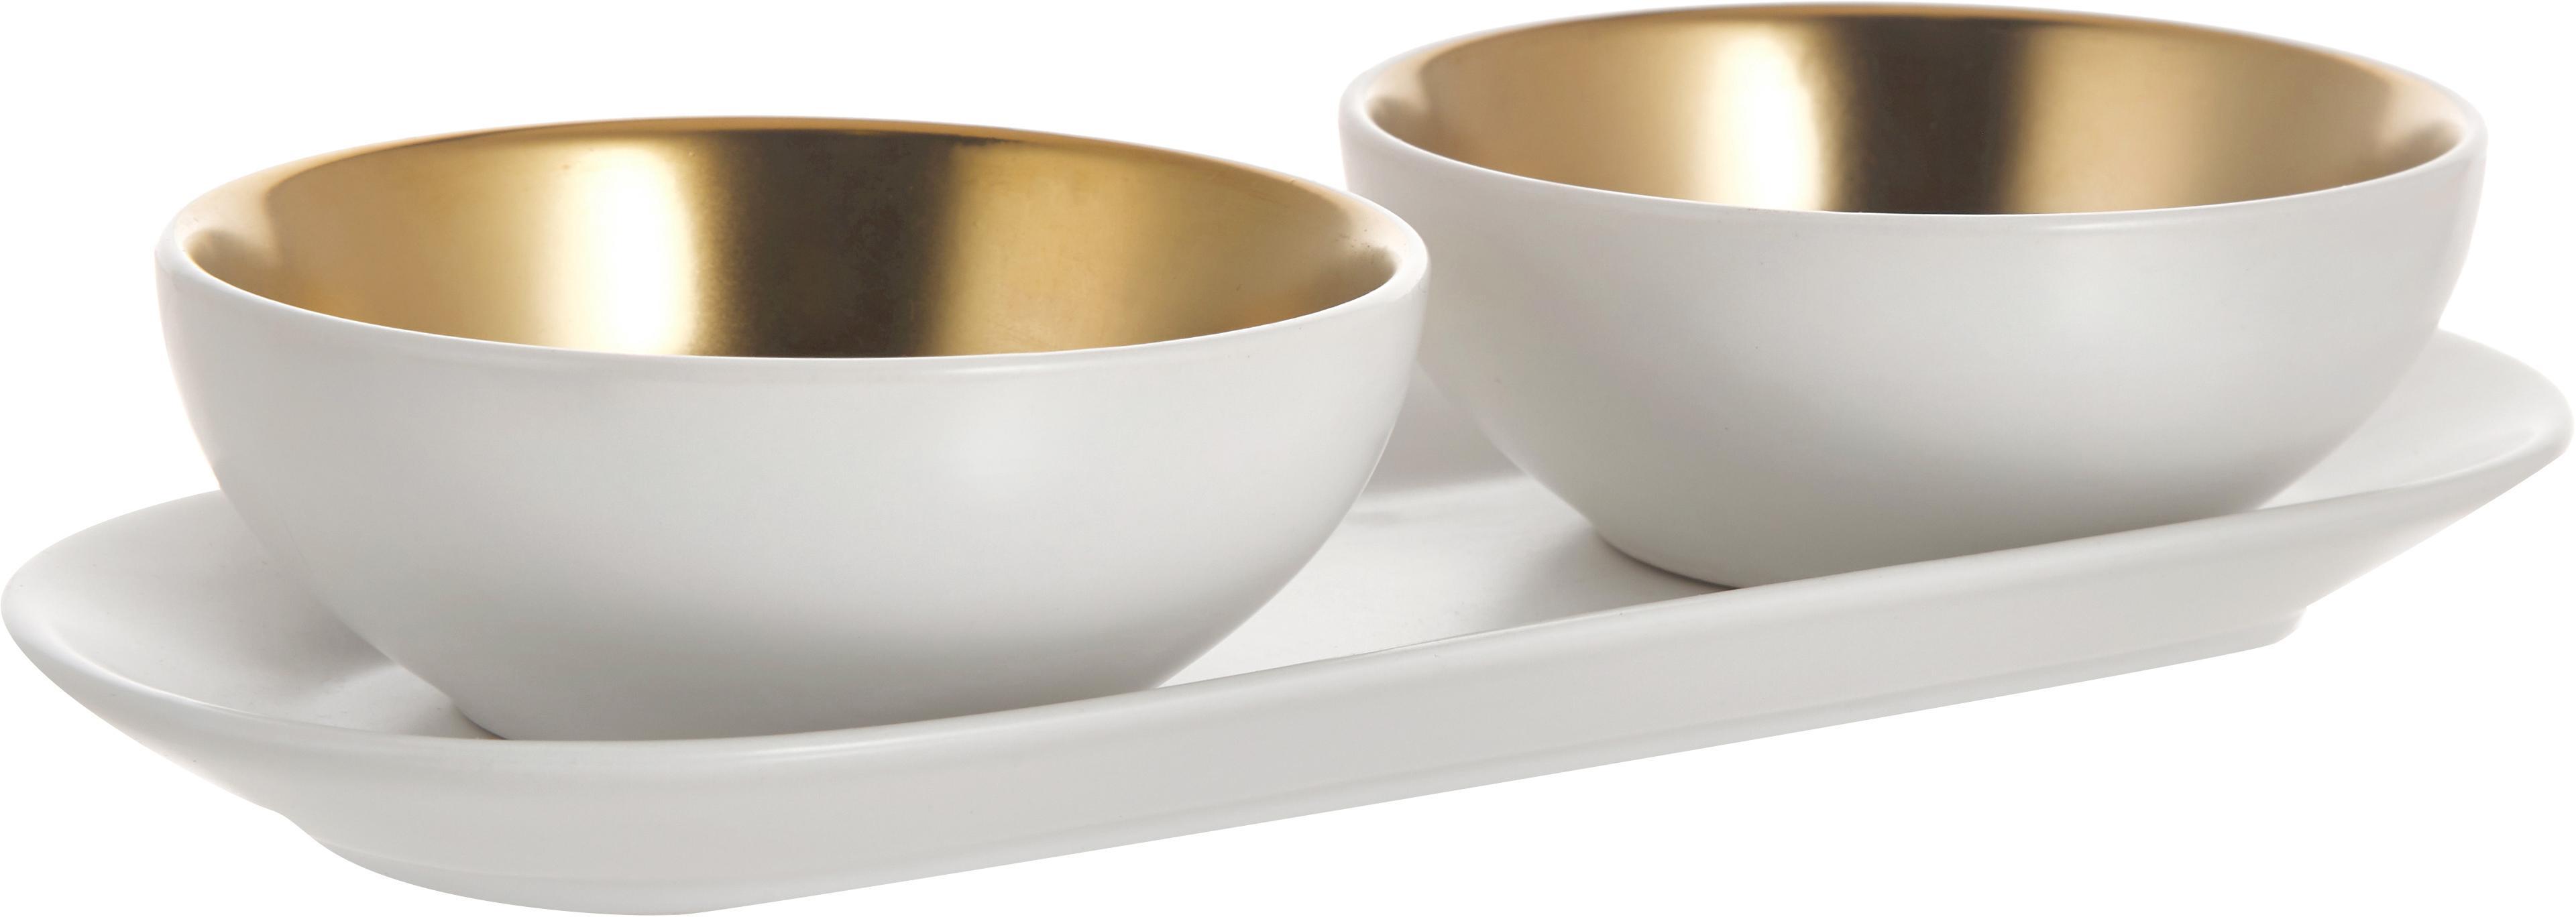 Serveerset Glitz in wit/goudkleurig, 3-delig, Keramiek, Wit, goudkleurig, Ø 10 x H 4 cm